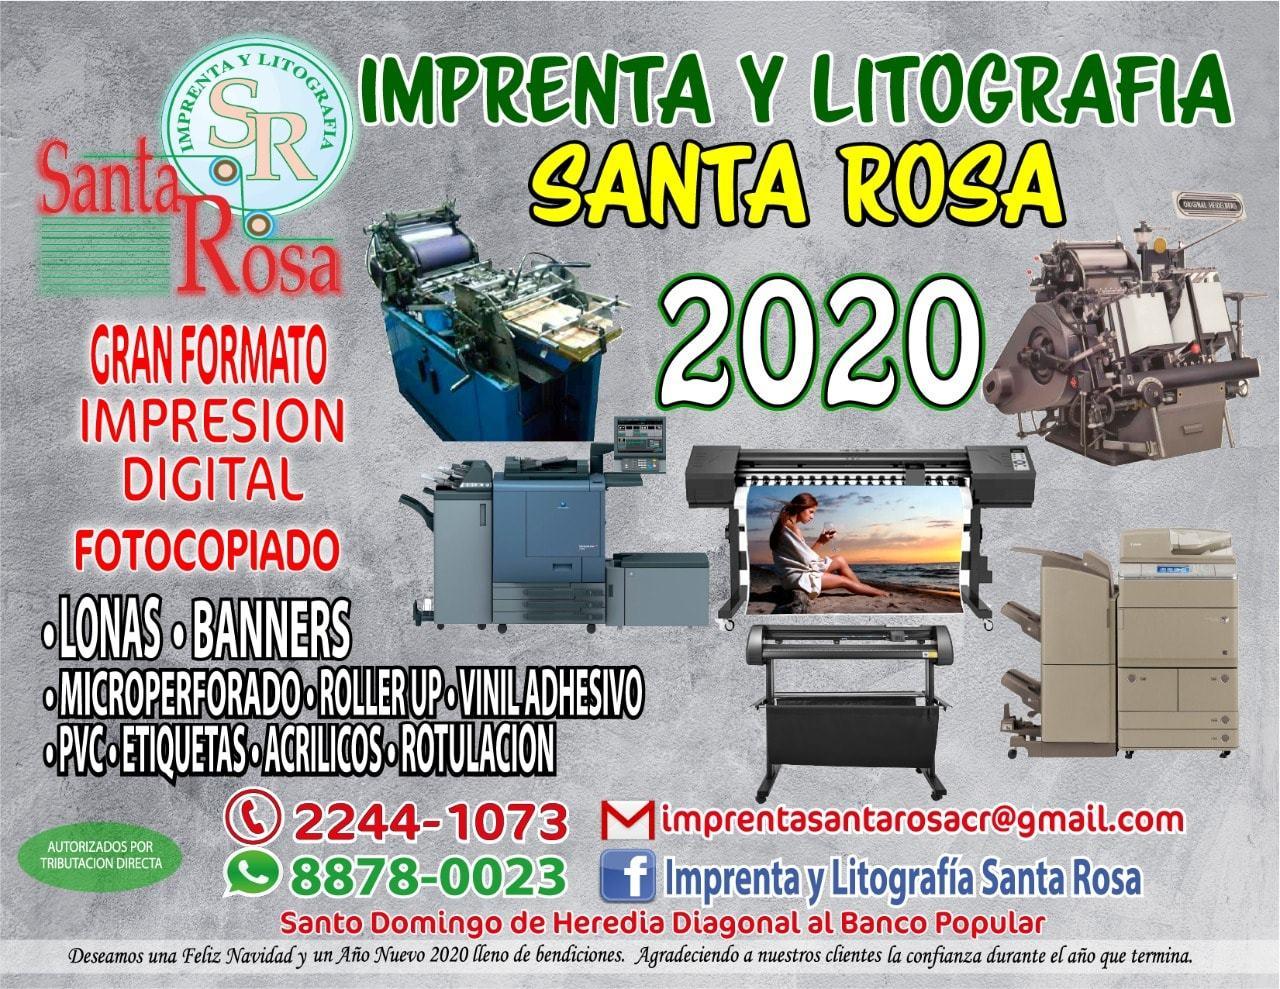 Amarillas-CR-Imprenta-y-Litografía-Santa-Rosa-30